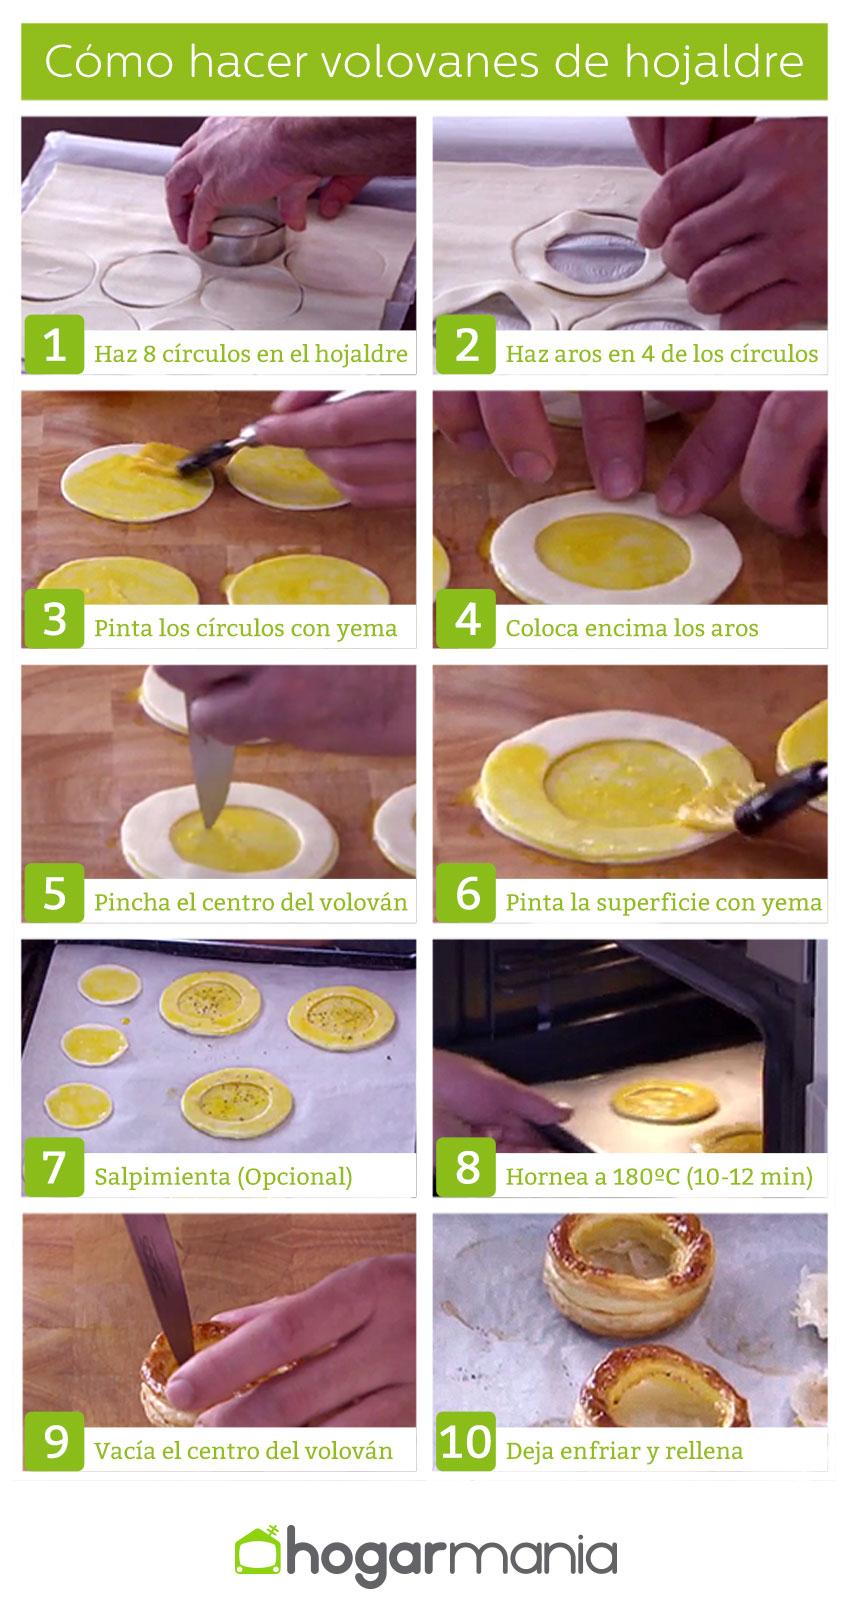 Cómo hacer volovanes caseros de hojaldre